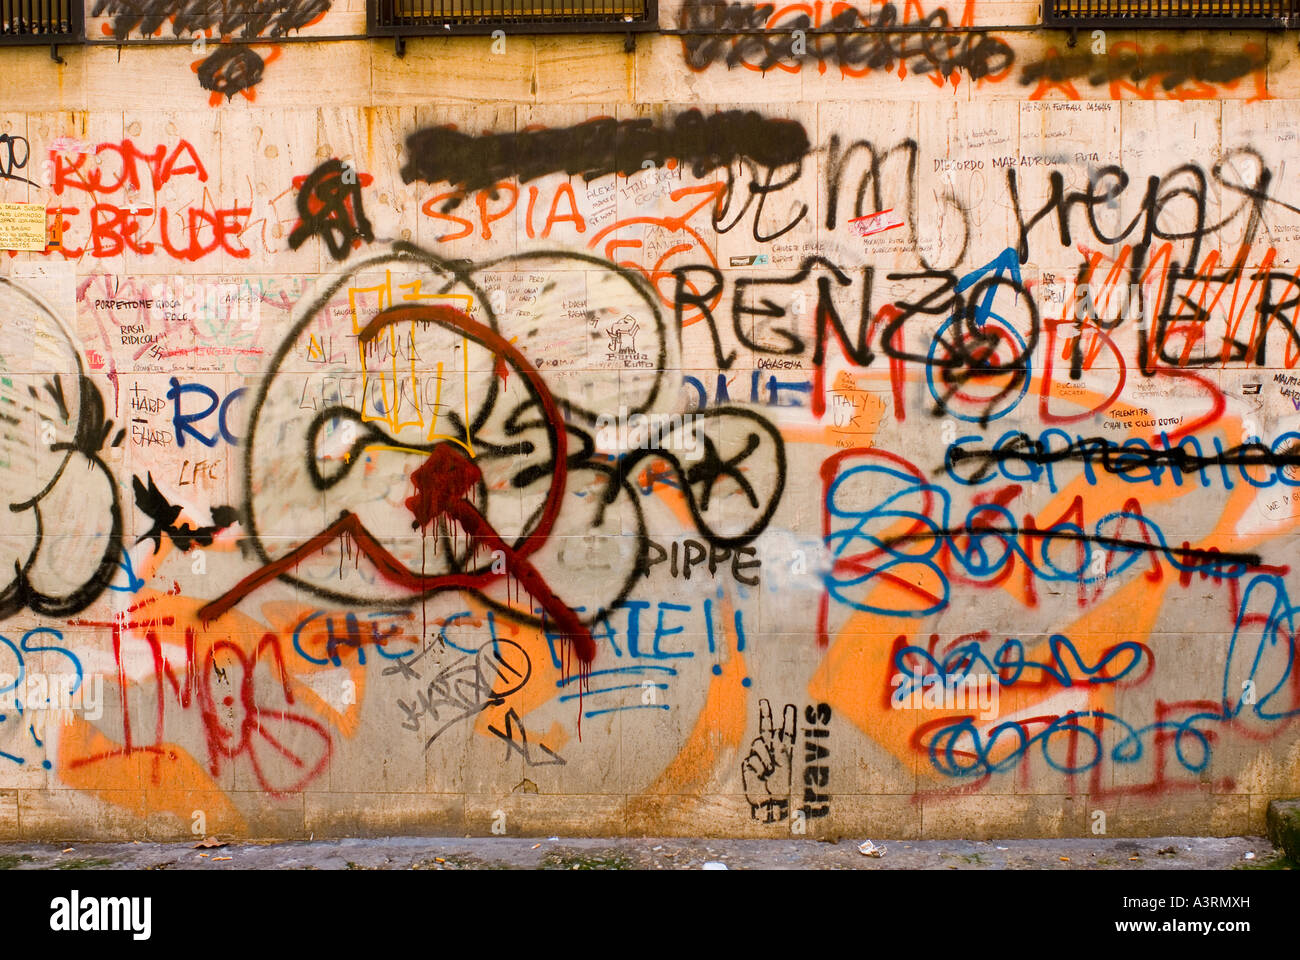 Rome italy graffiti